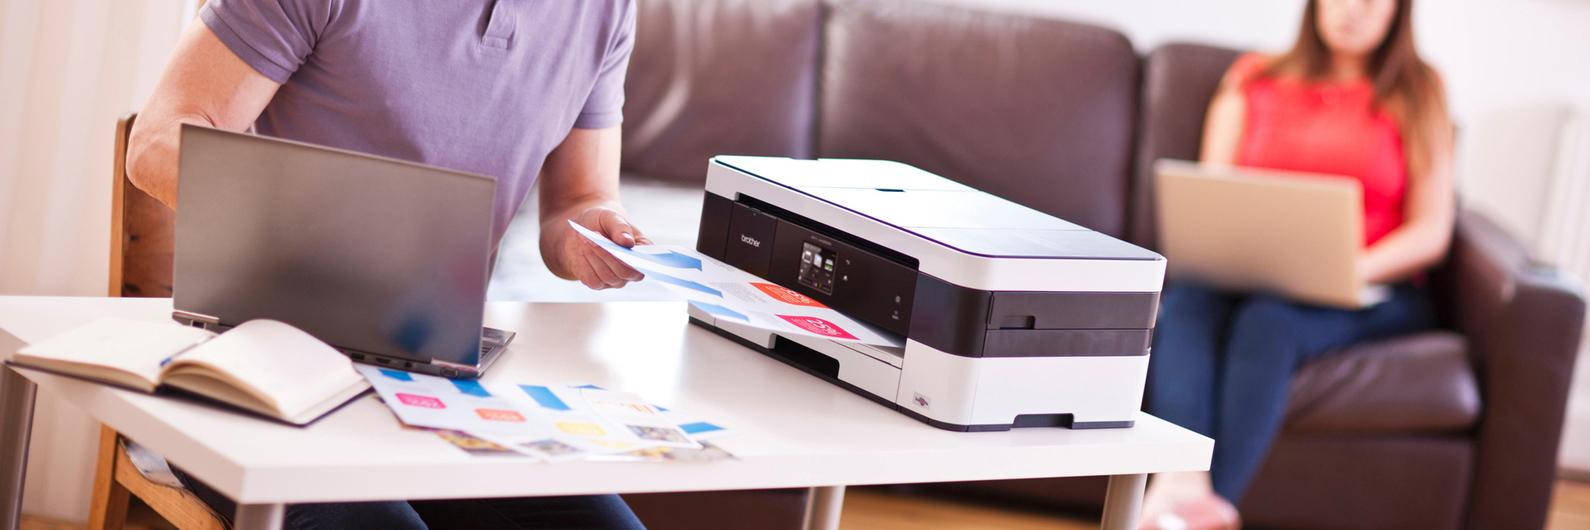 Montra TeK: 5 impressoras all in one até 150 euros